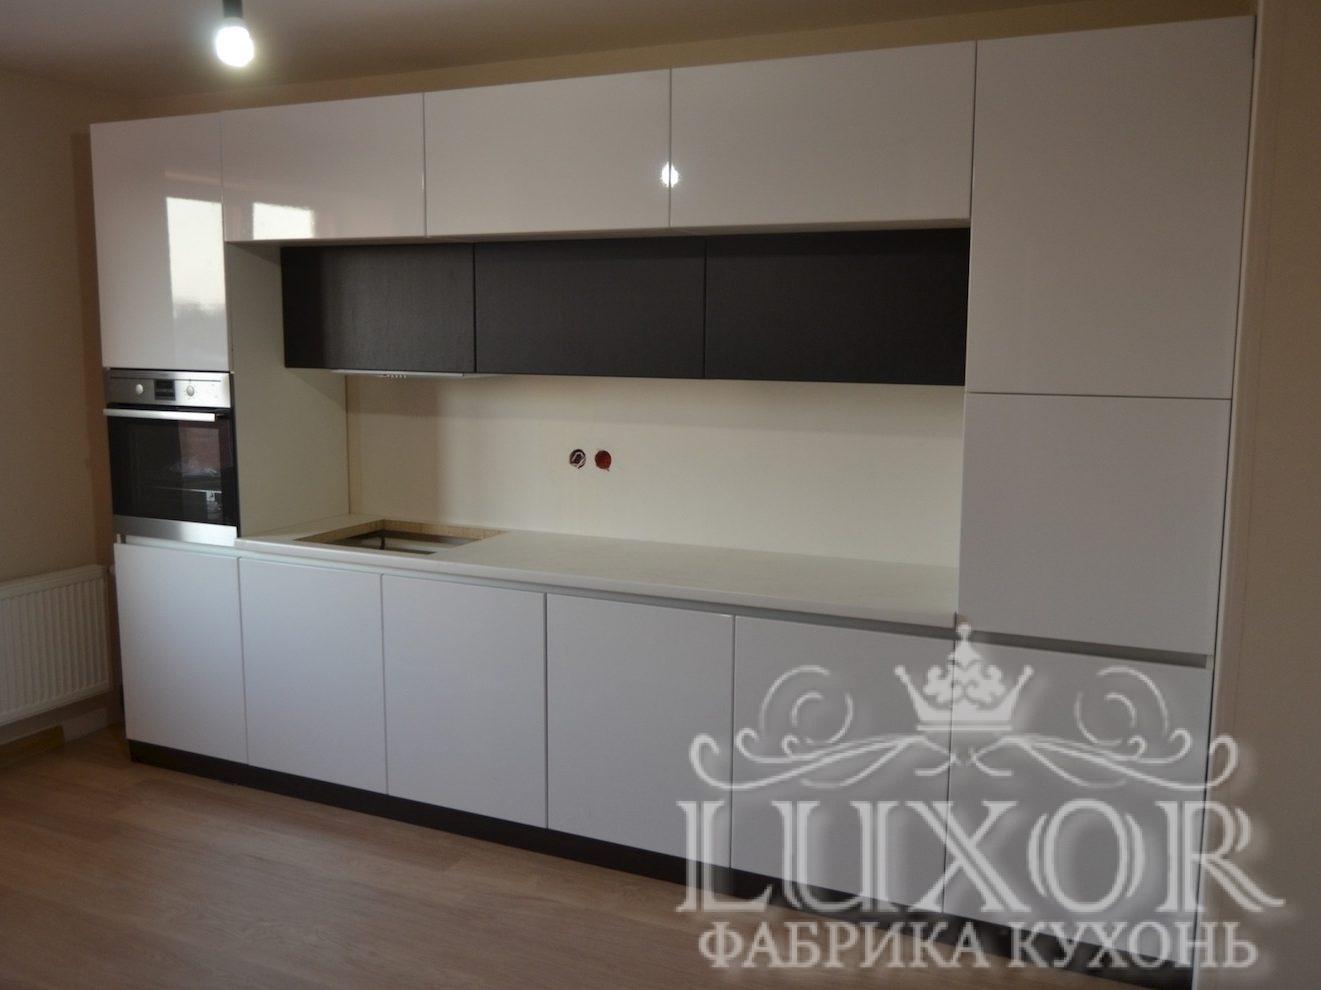 Кухня Айла - изображение